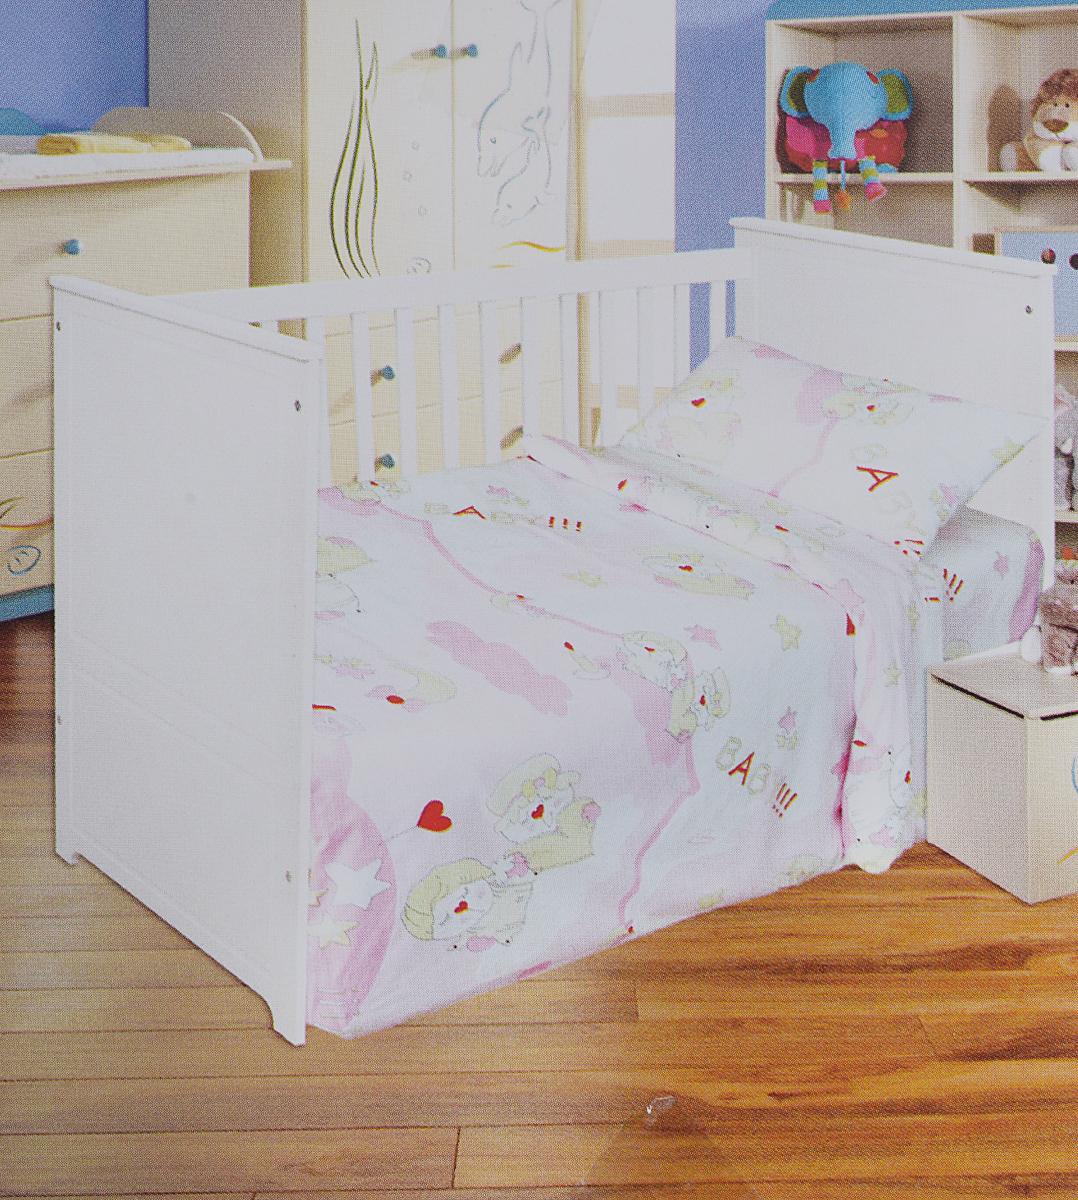 Bonne Fee Комплект белья для новорожденных Гномики цвет розовый531-105Комплект белья для новорожденных Bonne Fee Гномики выполнен в нежных тонах и украшен забавным рисунком. Комплект белья Гномики создаст комфорт и уют в кроватке малыша и обеспечит крепкий и здоровый сон, а современный дизайн и цветовые сочетания помогут ребенку адаптироваться в новом для него мире. Комплект белья для новорожденных Bonne Fee Гномики хорошо впишется в интерьер детской комнаты, или спальни родителей. Комплект постельного белья Гномики выполнен из натурального и экологически чистого 100% хлопка. Качество материала обеспечивает легкость стирки и долговечность. Комплект включает в себя наволочку, пододеяльник и простыню.